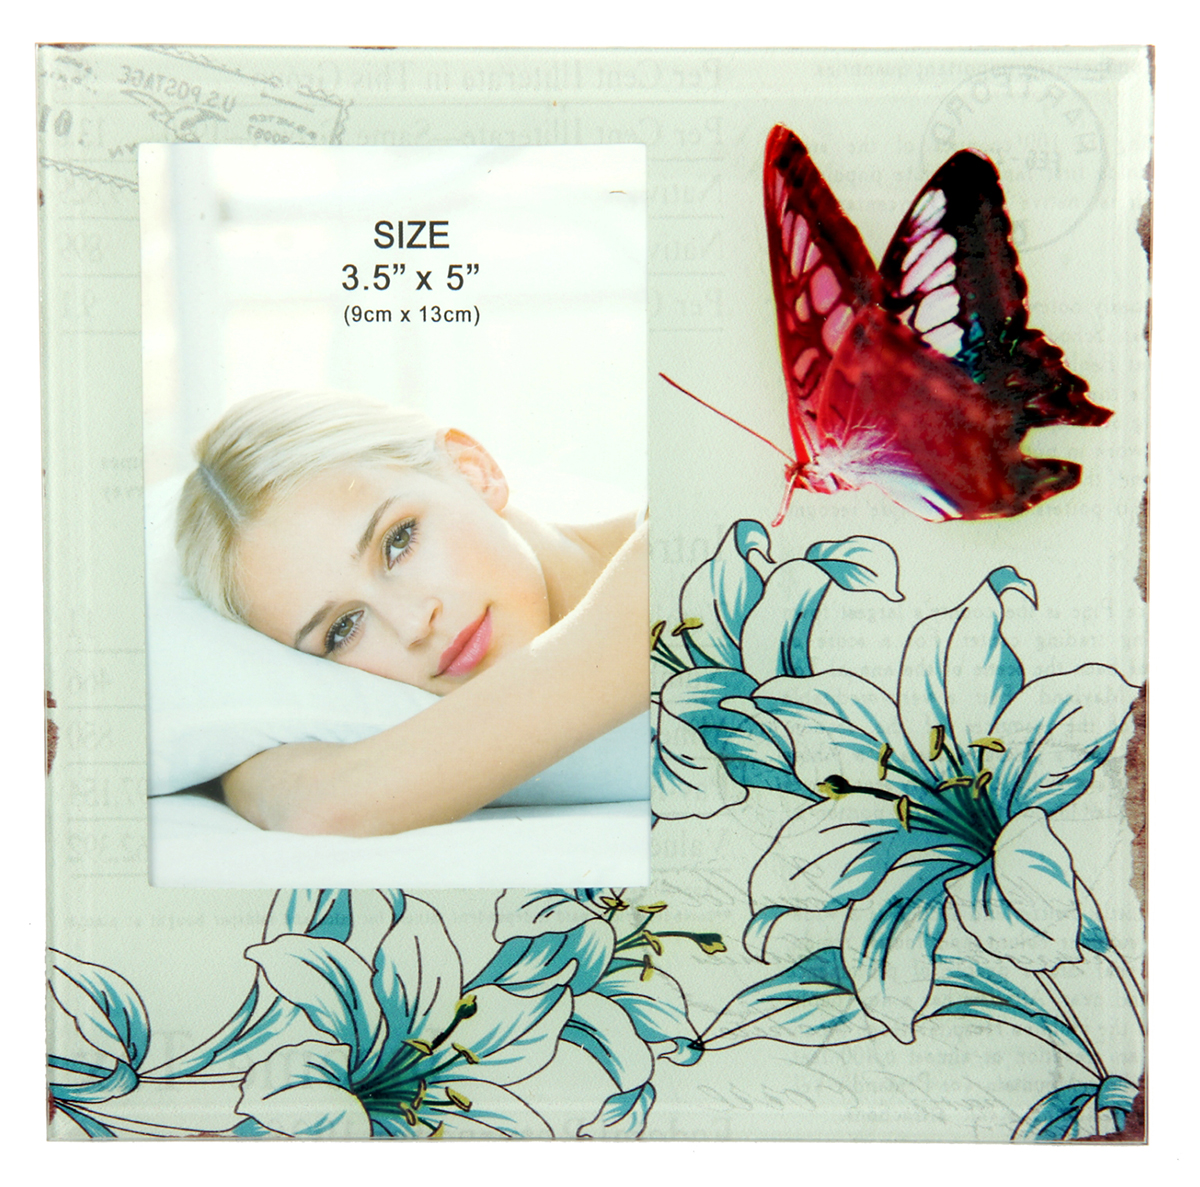 Фоторамка Бабочка в лилиях, 9 х 13 см. 10337221033722Фоторамка Бабочка в лилиях сохранит самые прекрасные моменты вашей жизни.Характеристики: Материал: стеклоРазмер: 9 х 13 см.